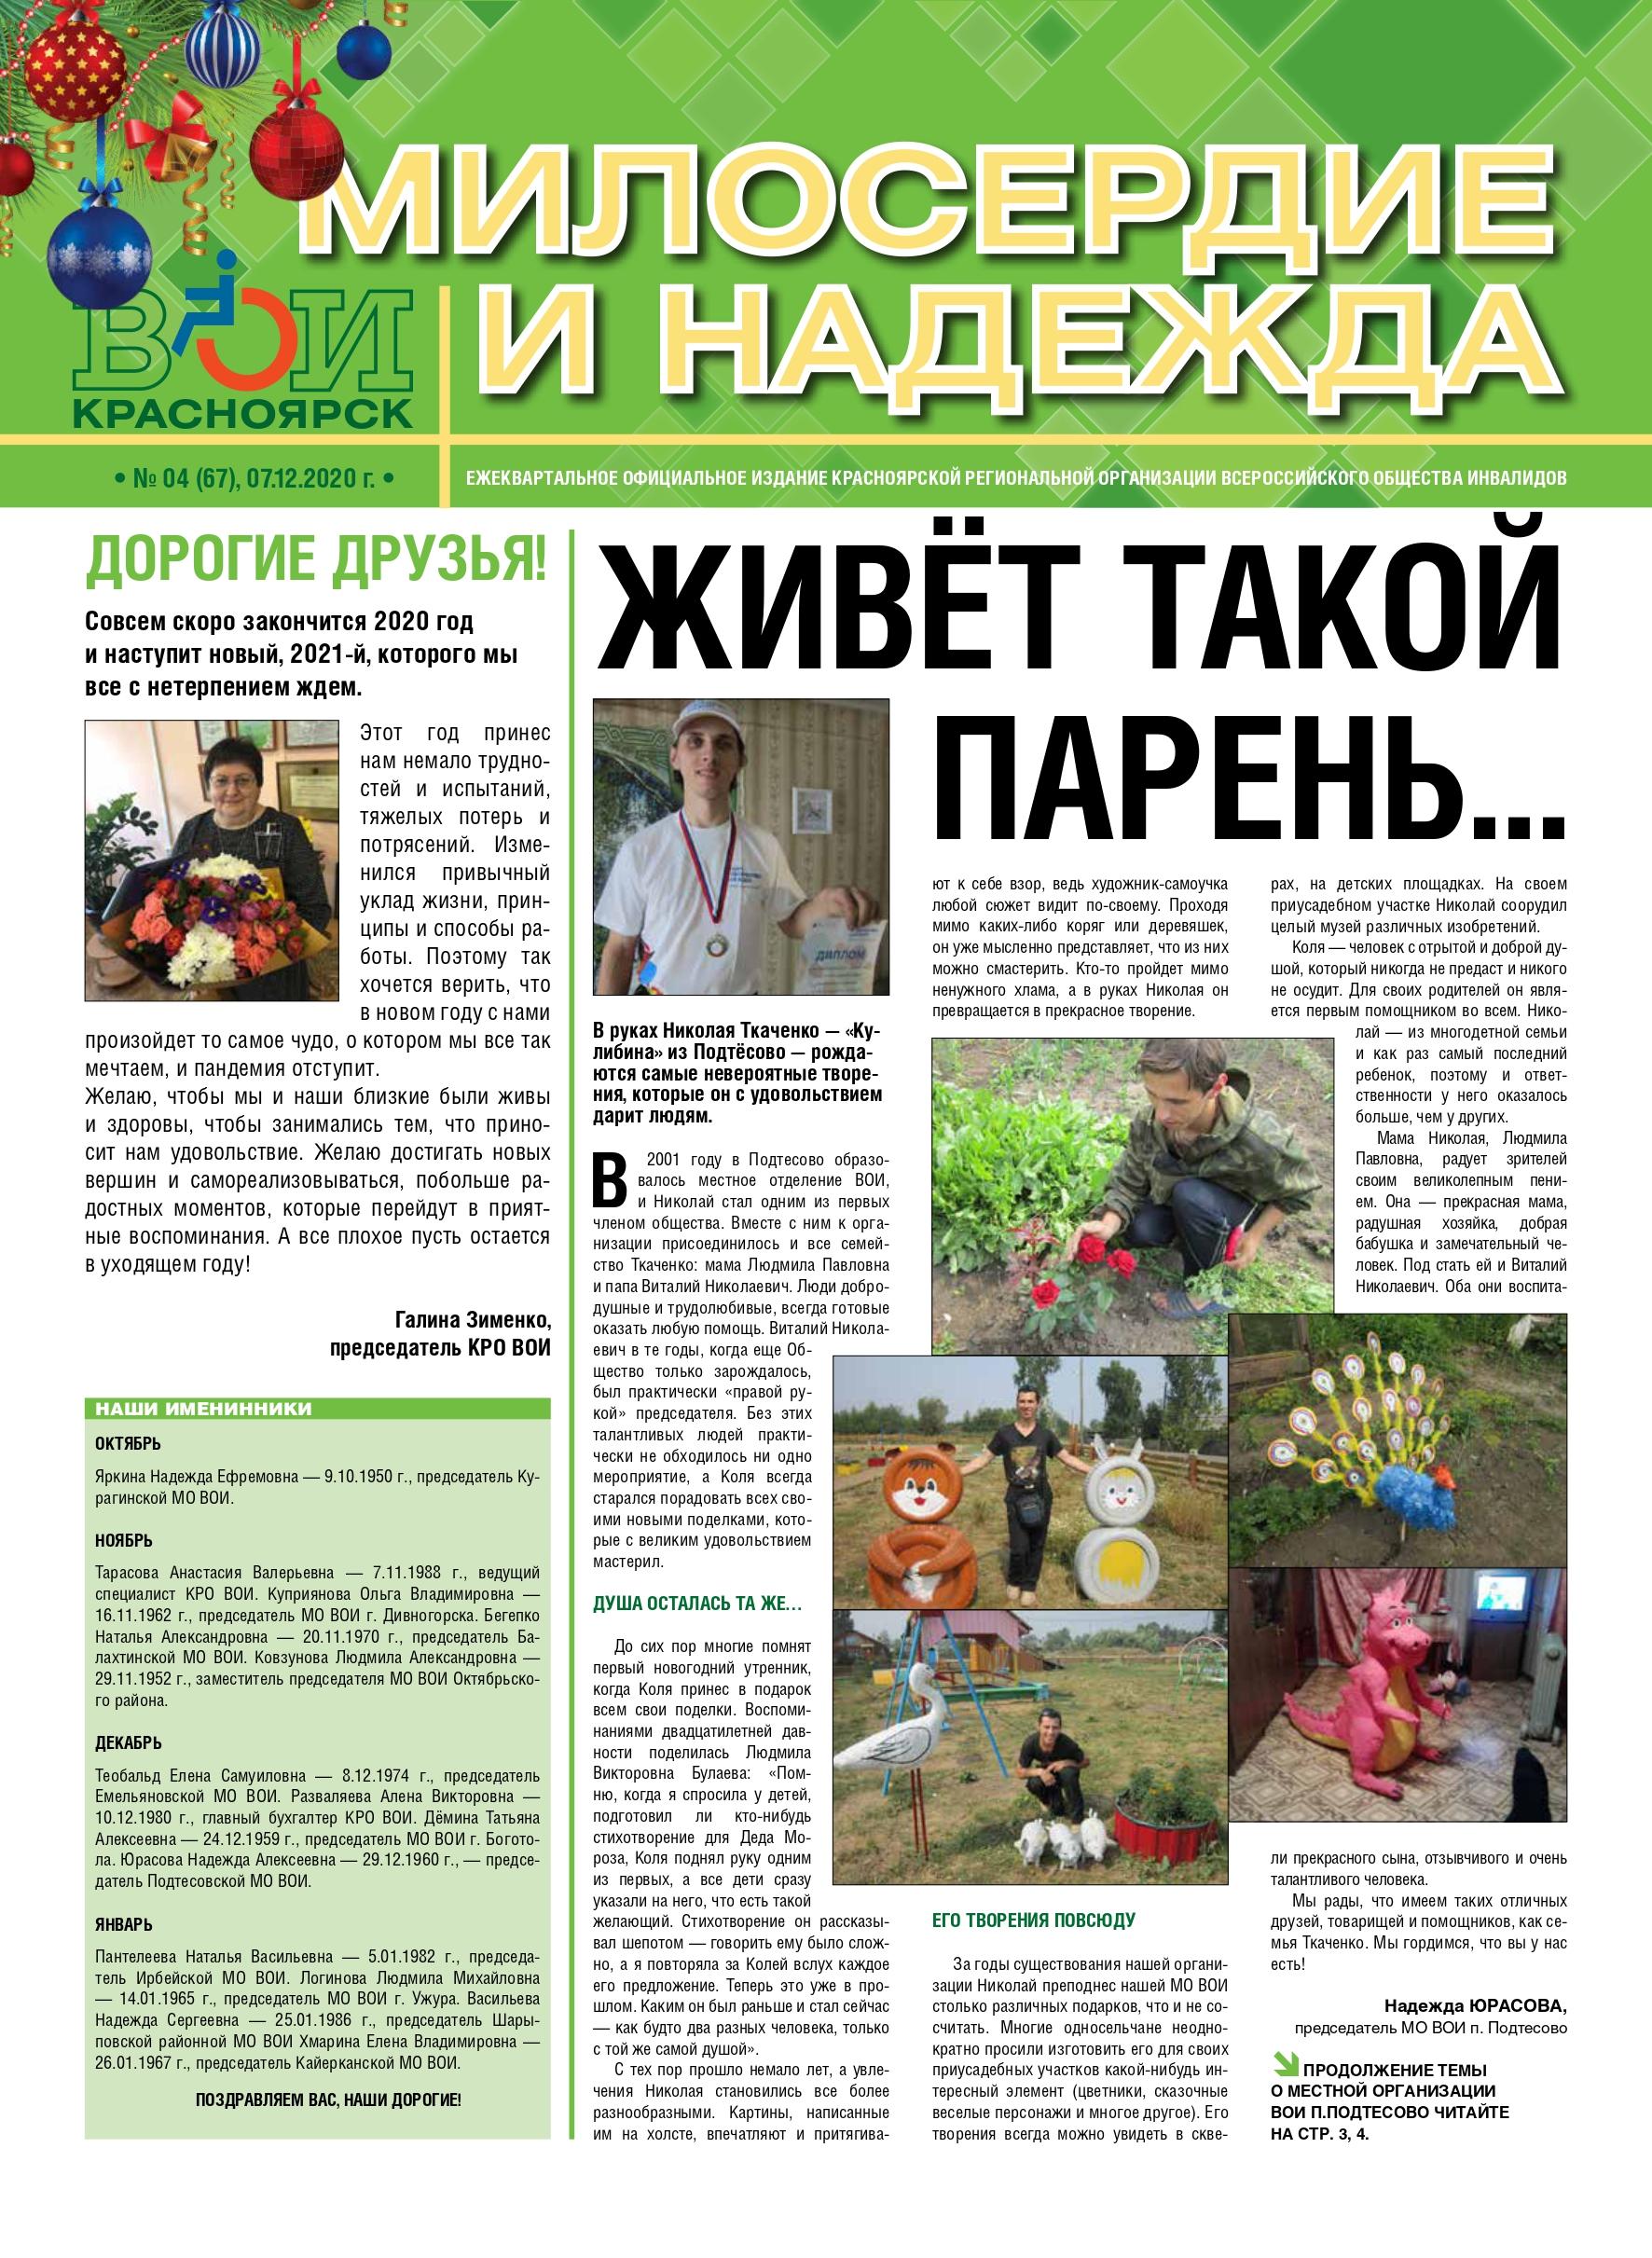 ГАЗЕТА «МИЛОСЕРДИЕ И НАДЕЖДА», ВЫПУСК №67